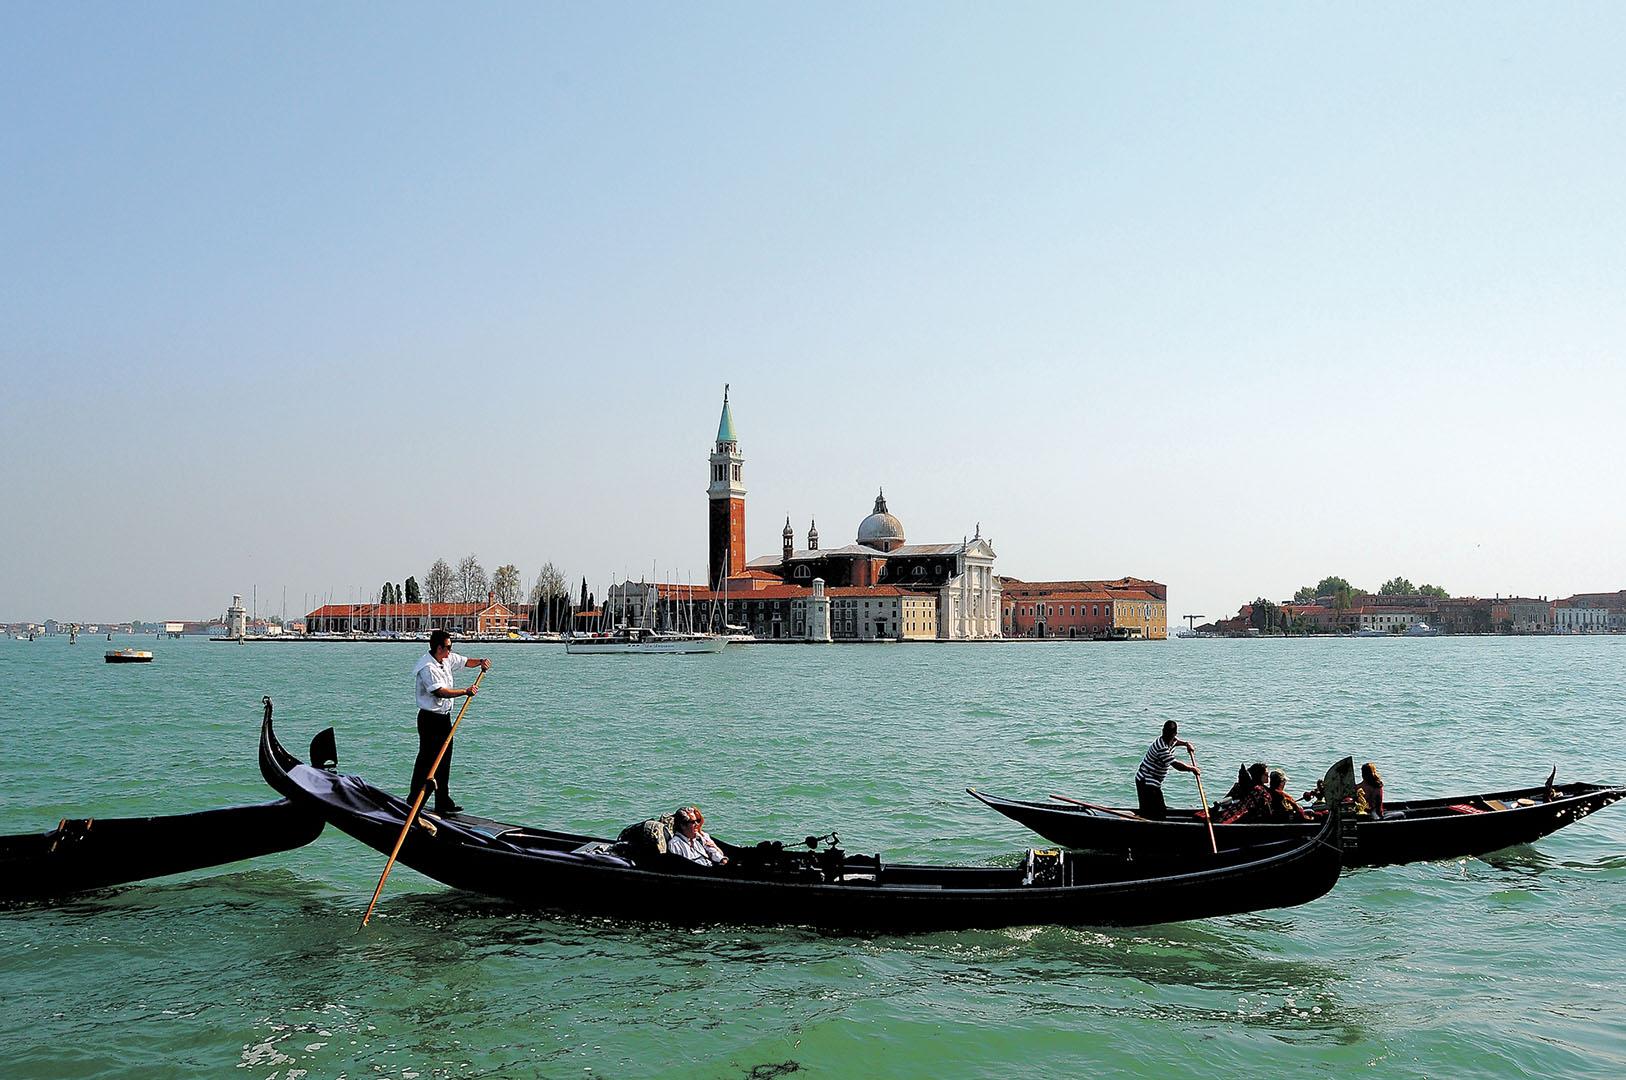 Venezia_011_I09.2-46